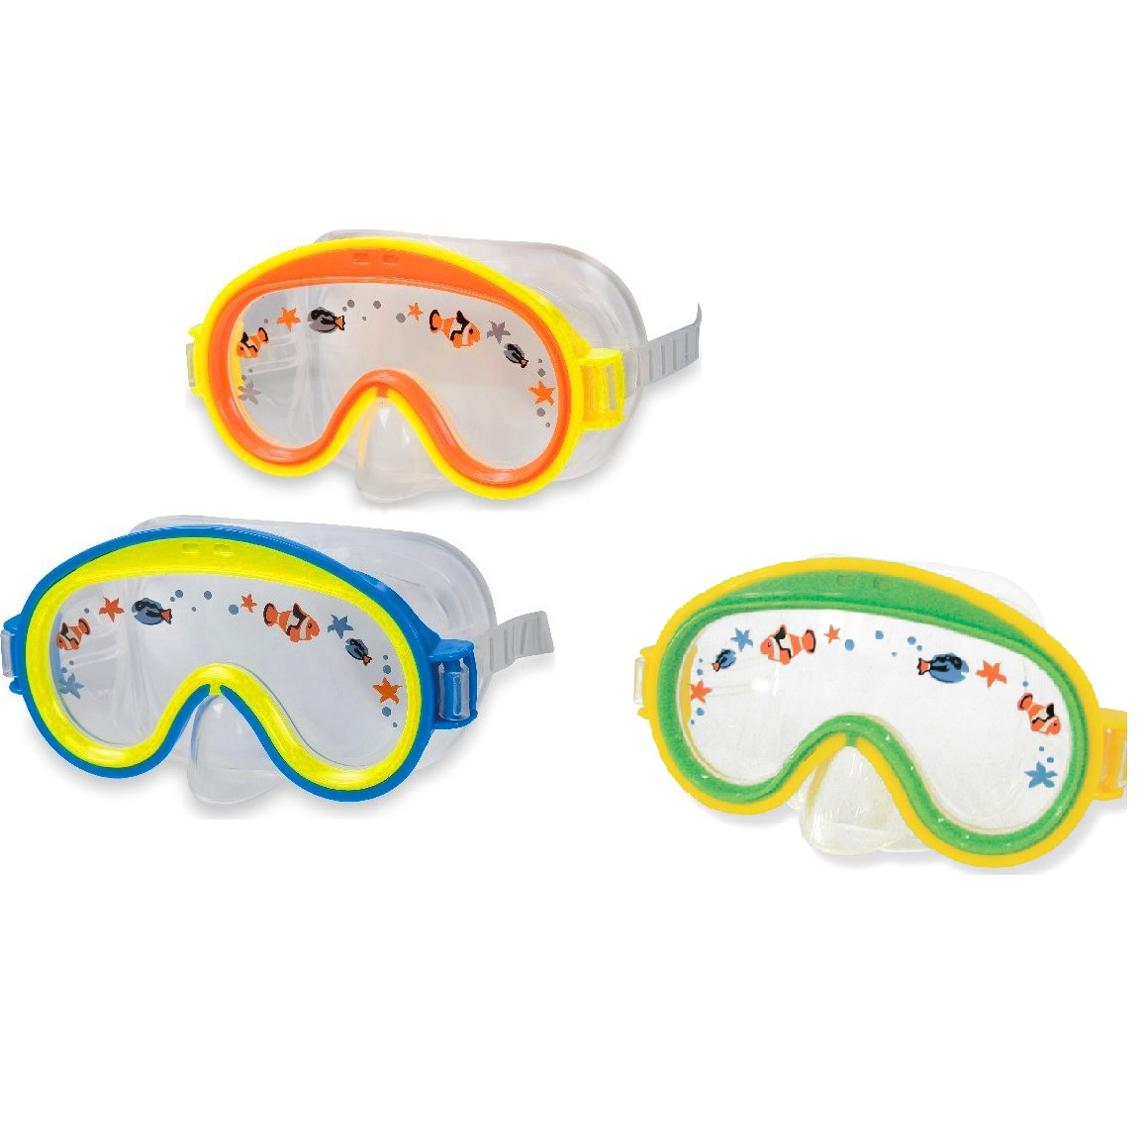 Детская маска для плавания - Mini Aviator SwimМаски, ласты, трубки для плавания<br>Детская маска для плавания - Mini Aviator Swim<br>